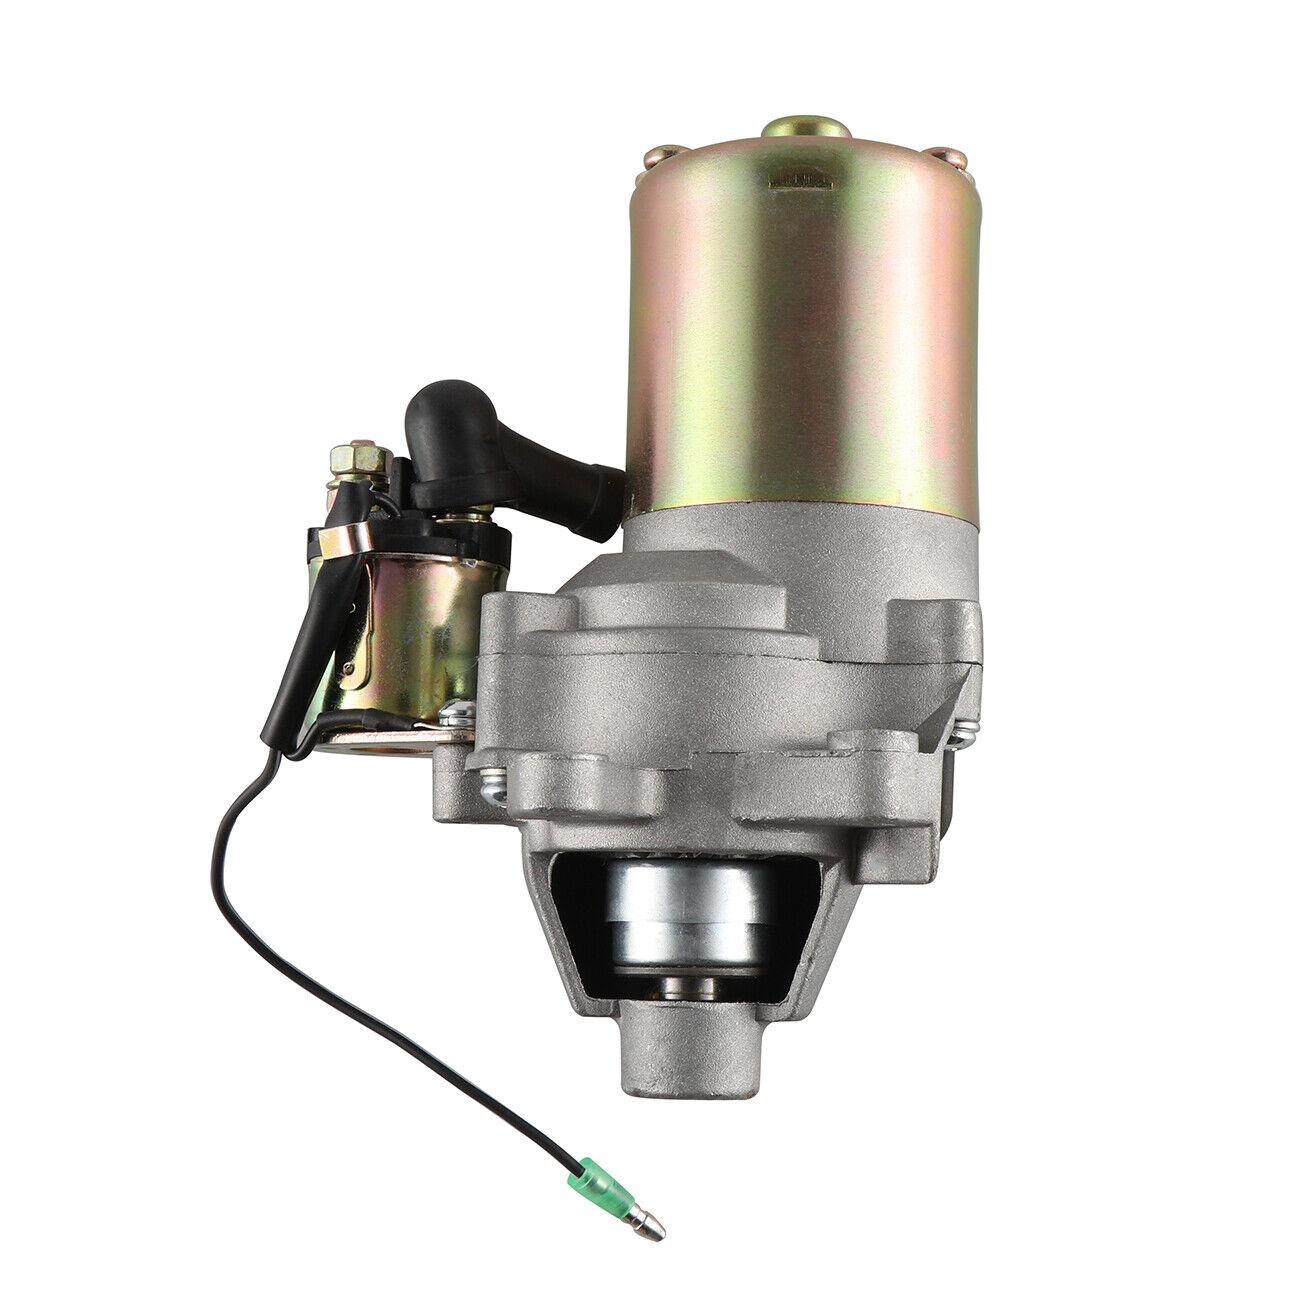 Motor de arranque con solenoide se ajusta Honda GX160 5.5HP & GX200 6.5HP